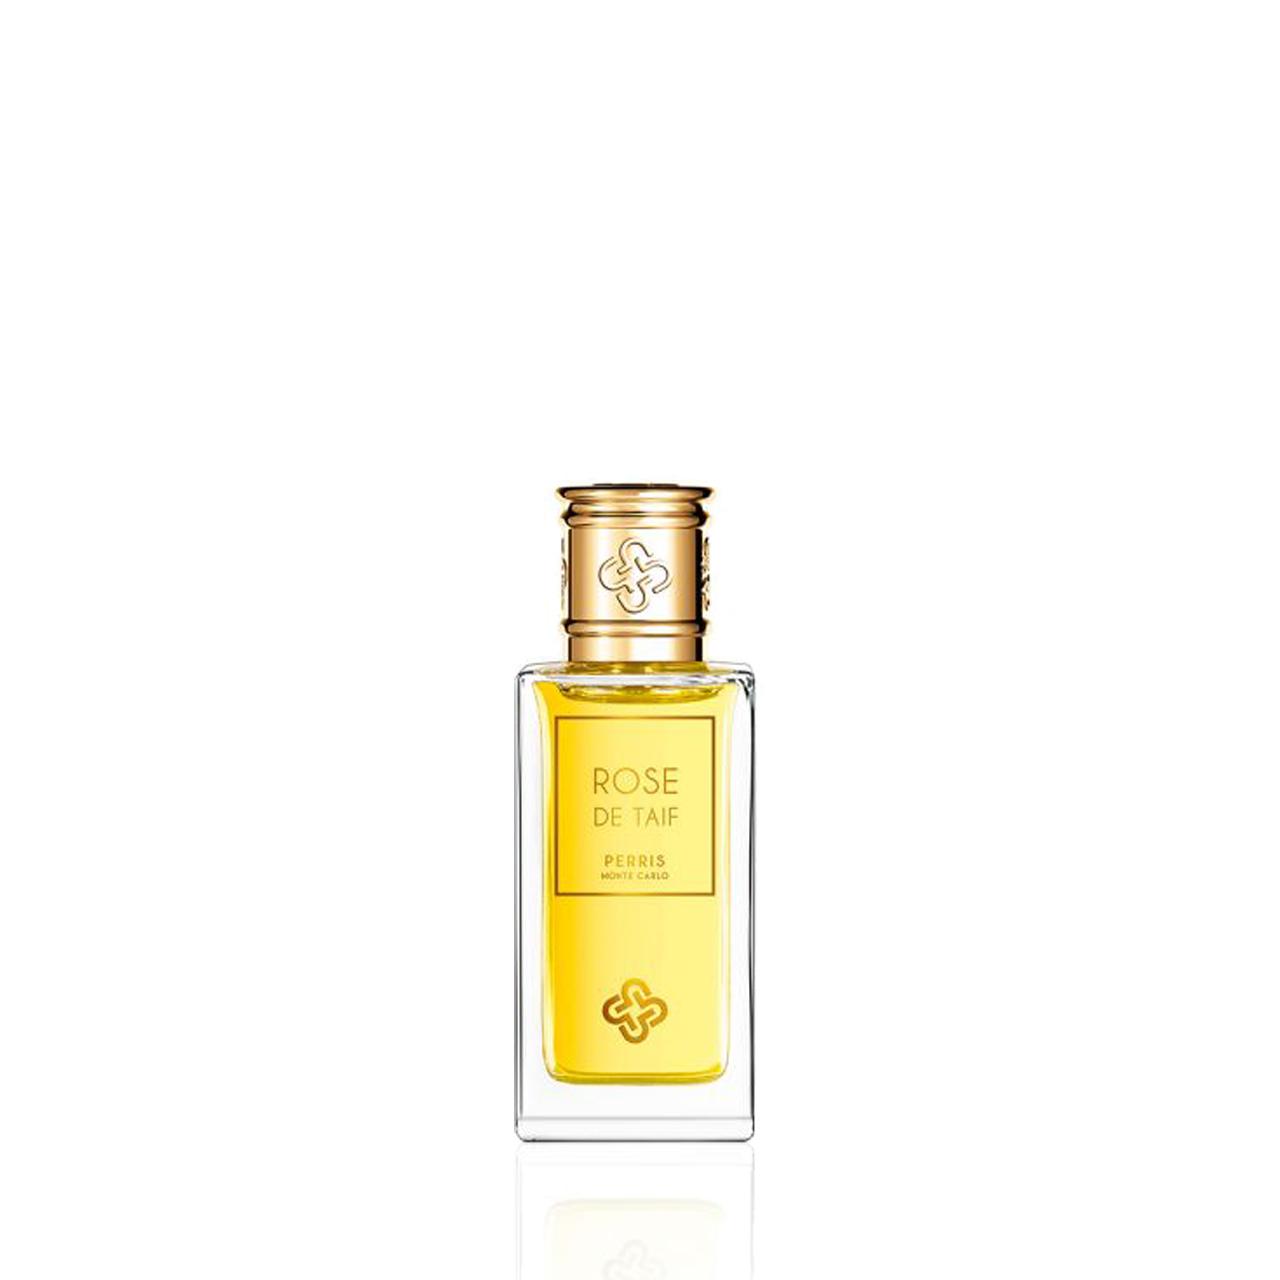 Rose De Taif Extrait de Parfum - Extrait de Parfum